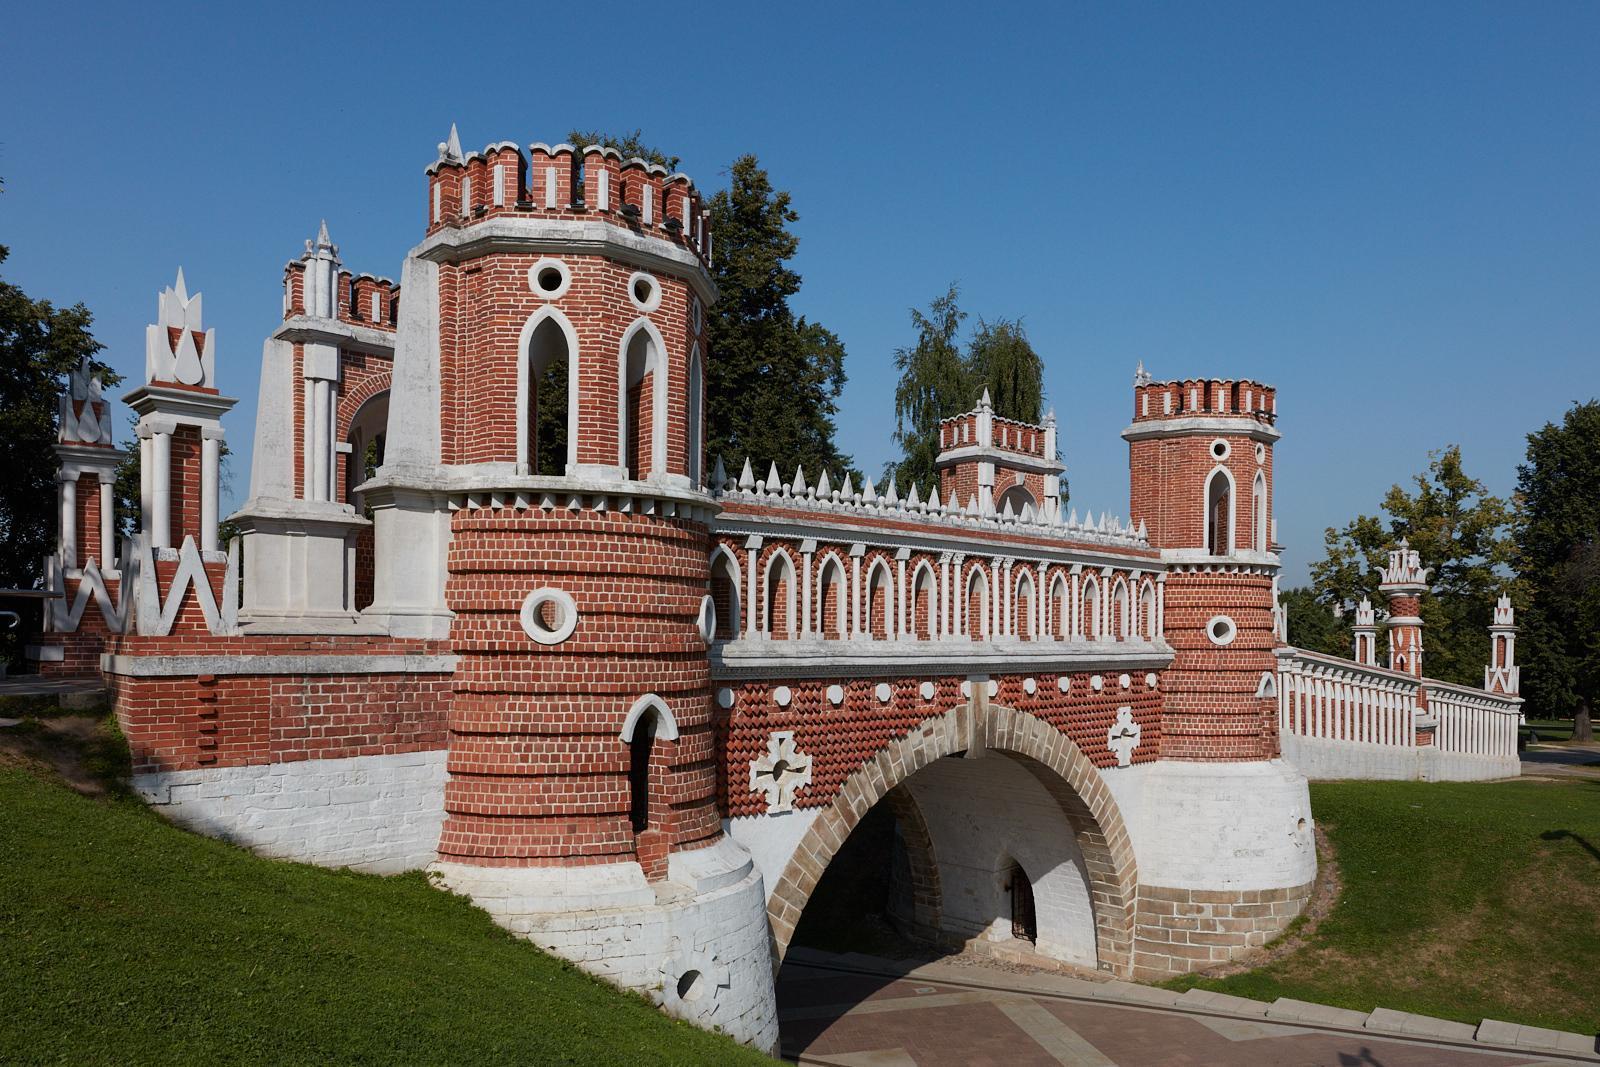 Страшилки и онлайн-экскурсии: что подготовили в «Царицыне» на «Ночь в музее»